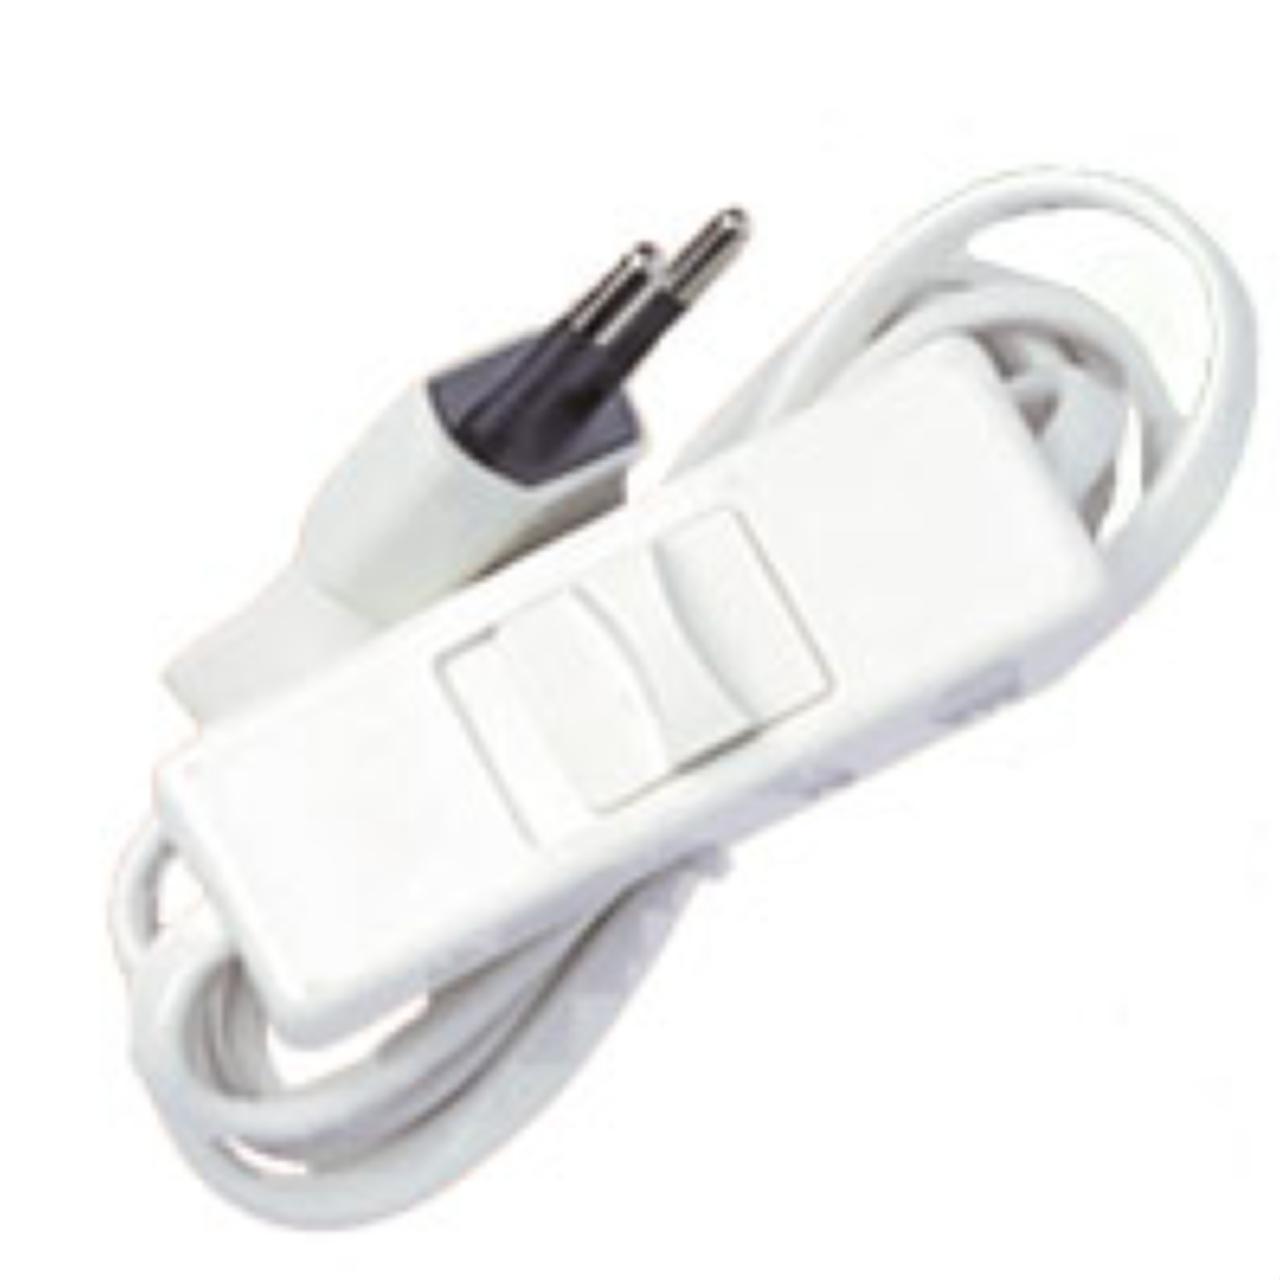 Cordon Electrique Pour Lampe cordon 2x0.75mm2 longueur 1.5m pré-équipé pour lampe blanc -..